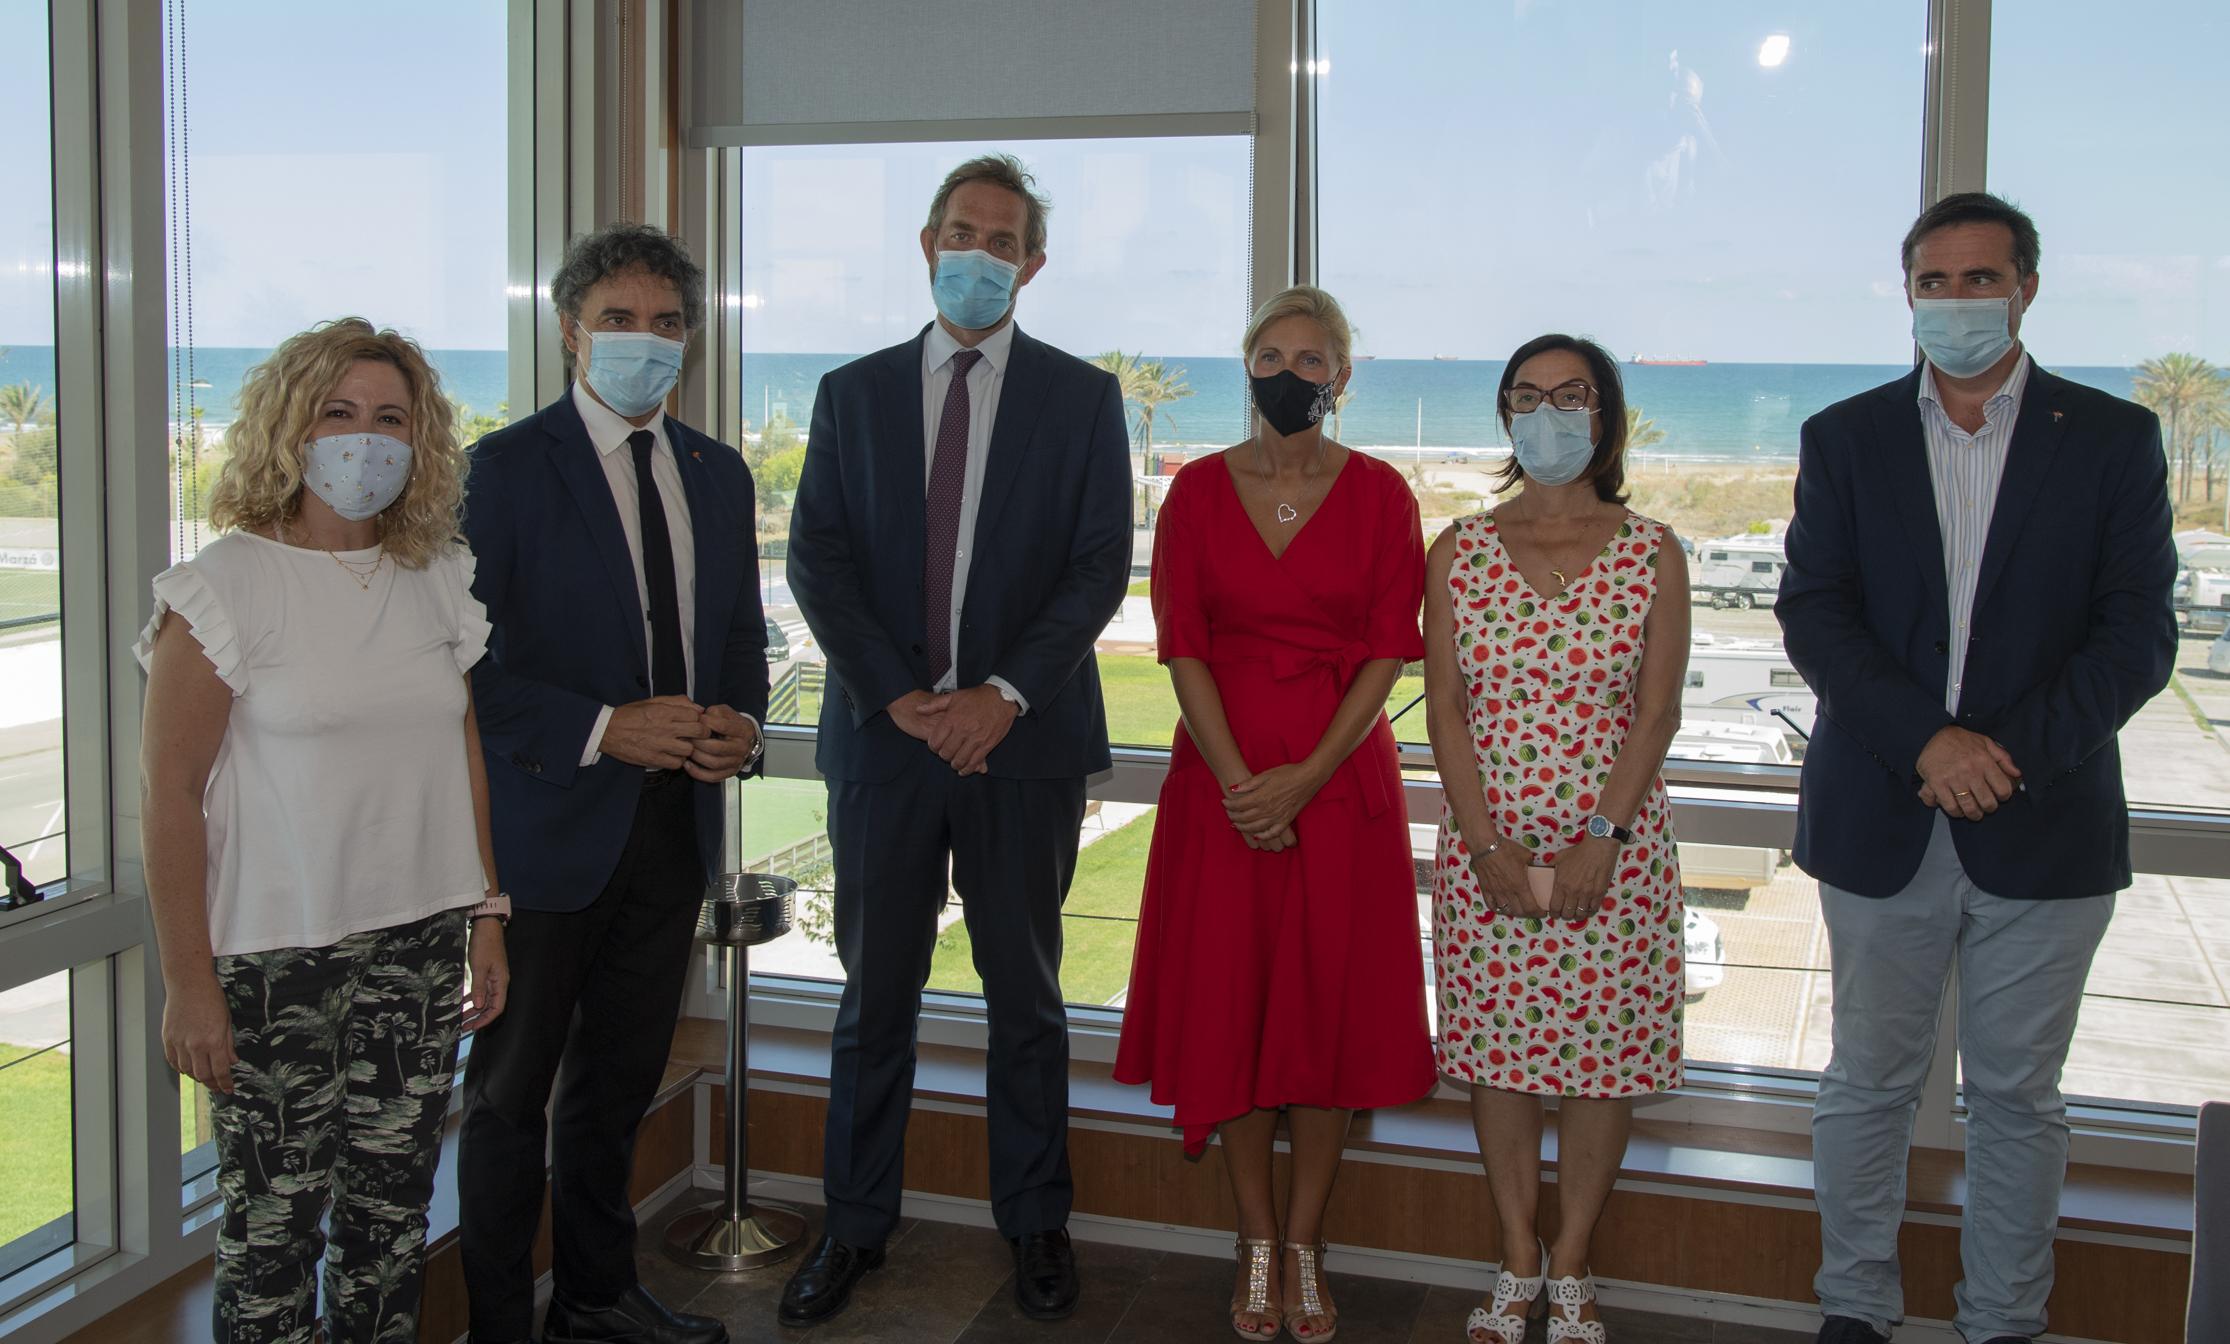 Turismo pone en valor el plan choque de 2,8 millones de euros que impulsa la Diputación para reactivar la actividad en Castellón